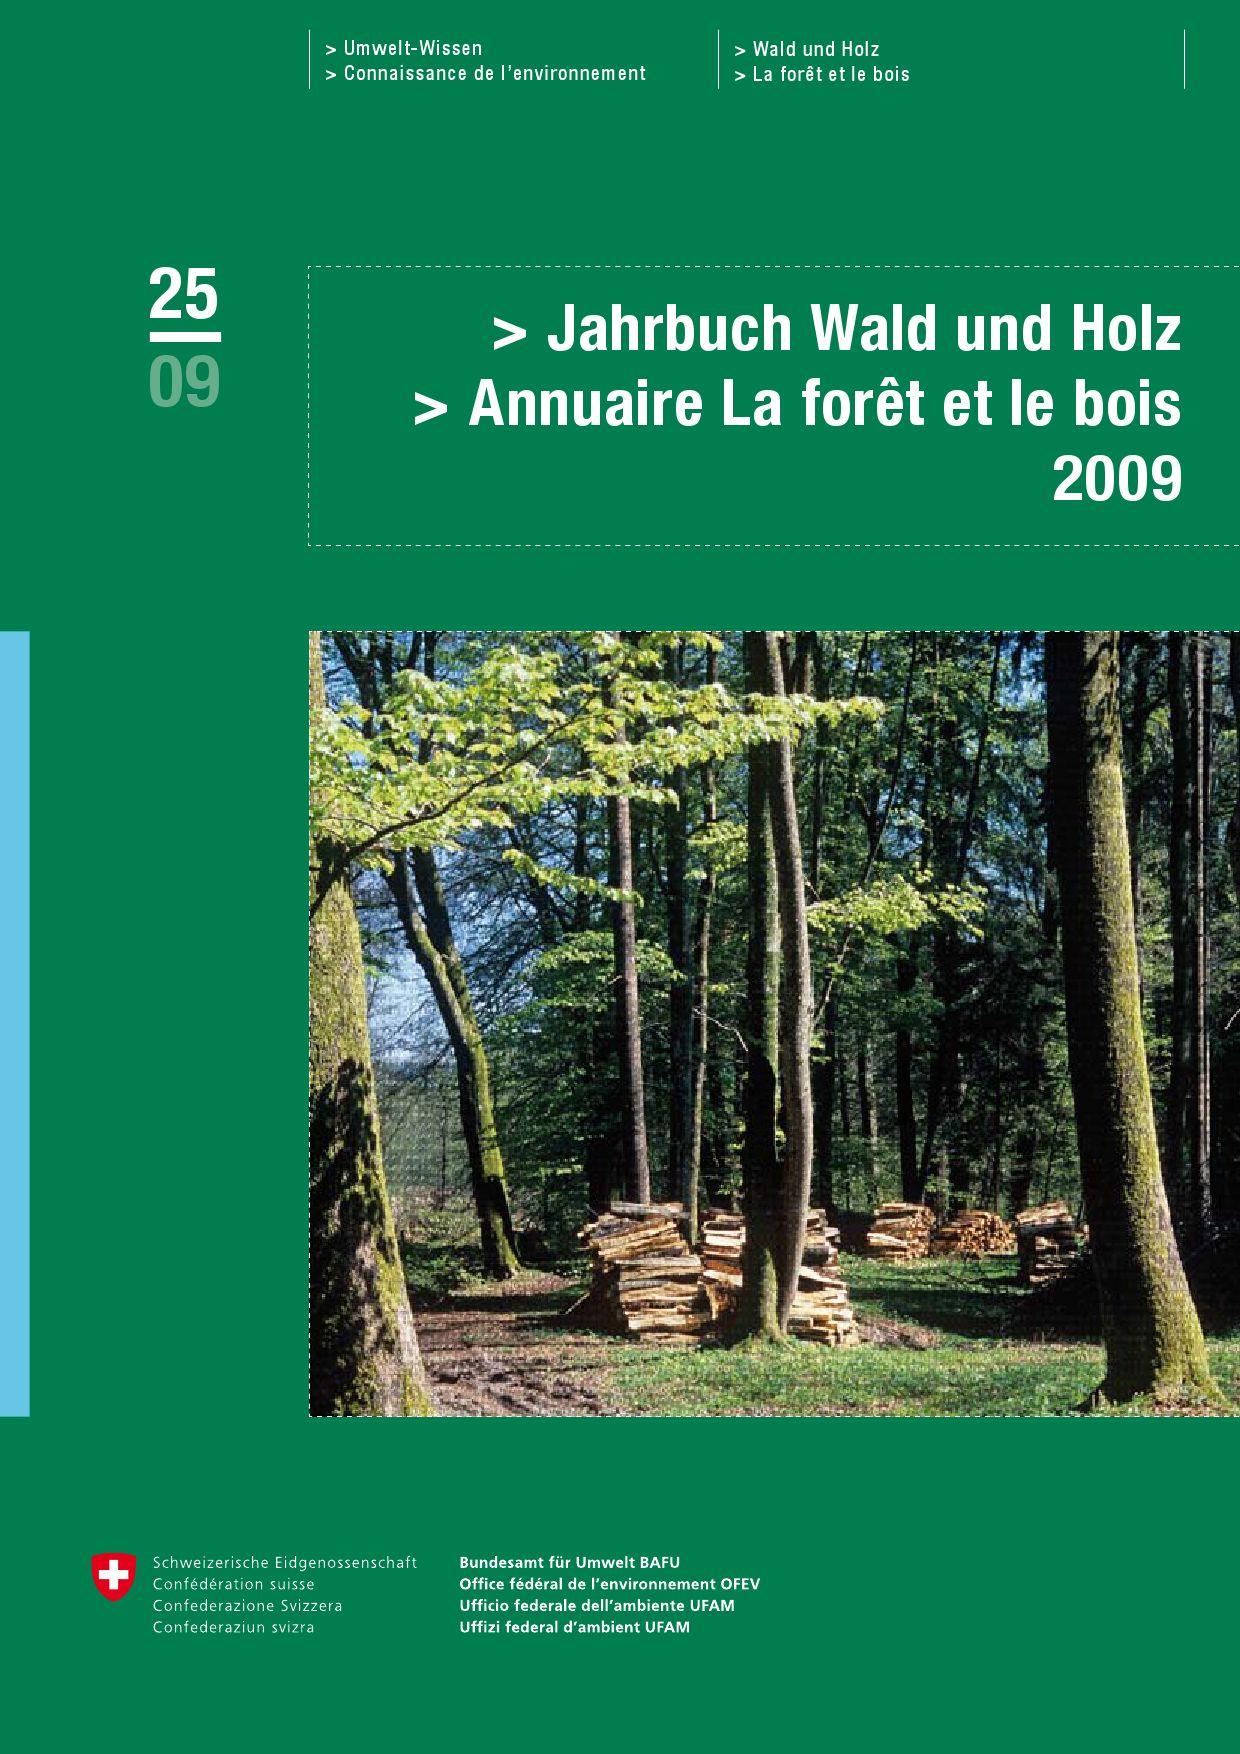 Wald und holz in der schweiz jahrbuch by brigitte steudler issuu - Office federal de l environnement ...